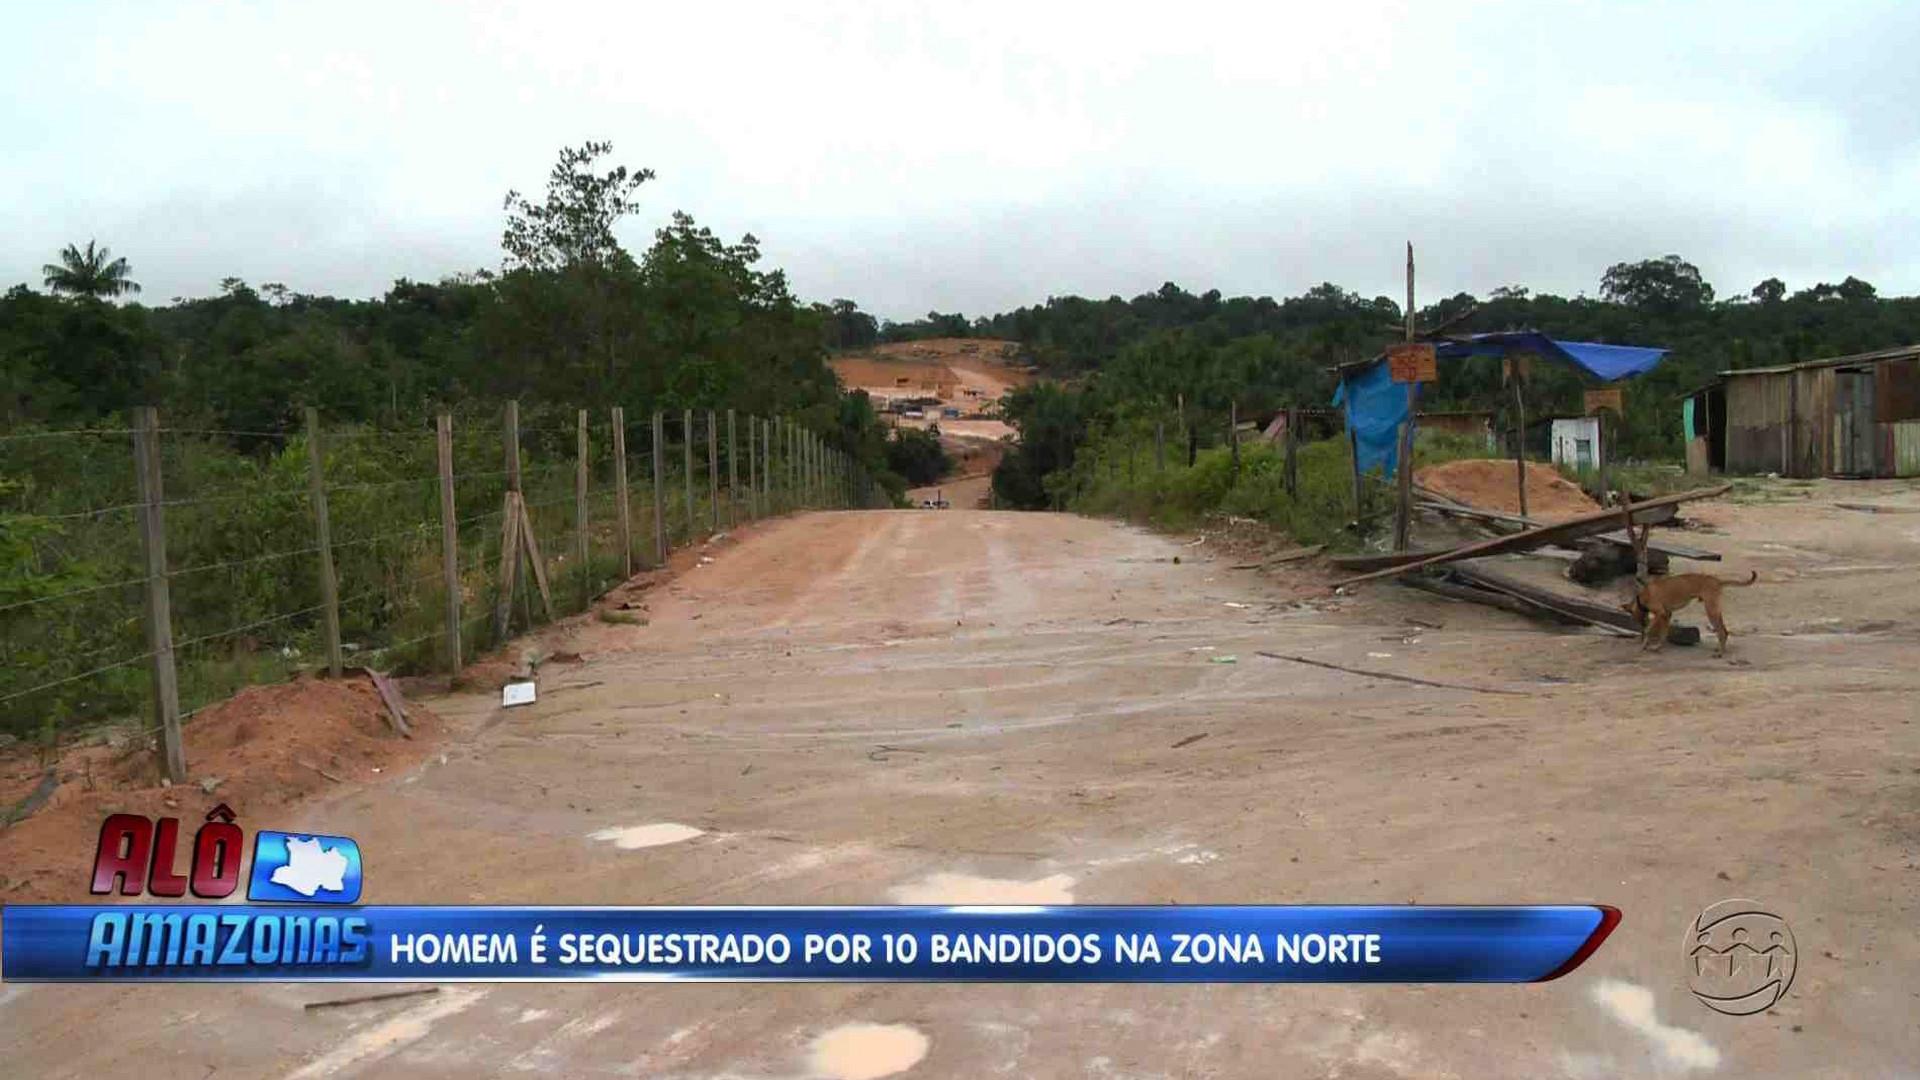 IRMÃO DE POLICIAL É SEQUESTRADO POR DEZ BANDIDOS - Alô Amazonas 11/12/17